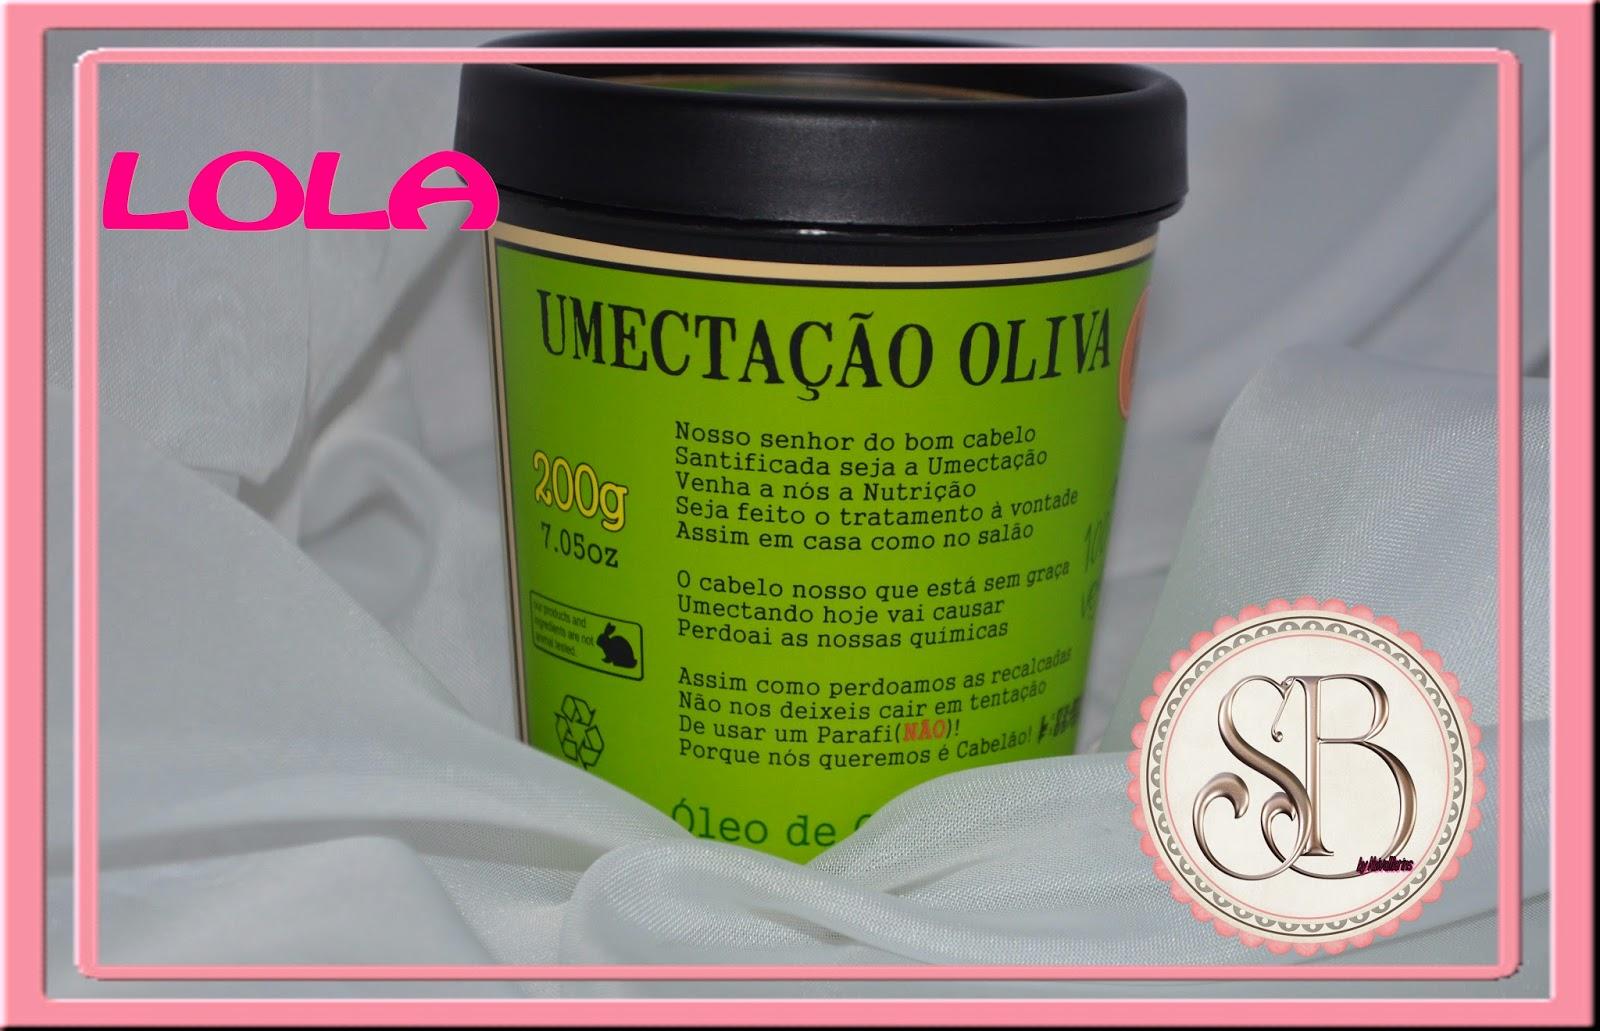 Somando Beleza, Umactação Oliva Lola Cosmetics, Resenha